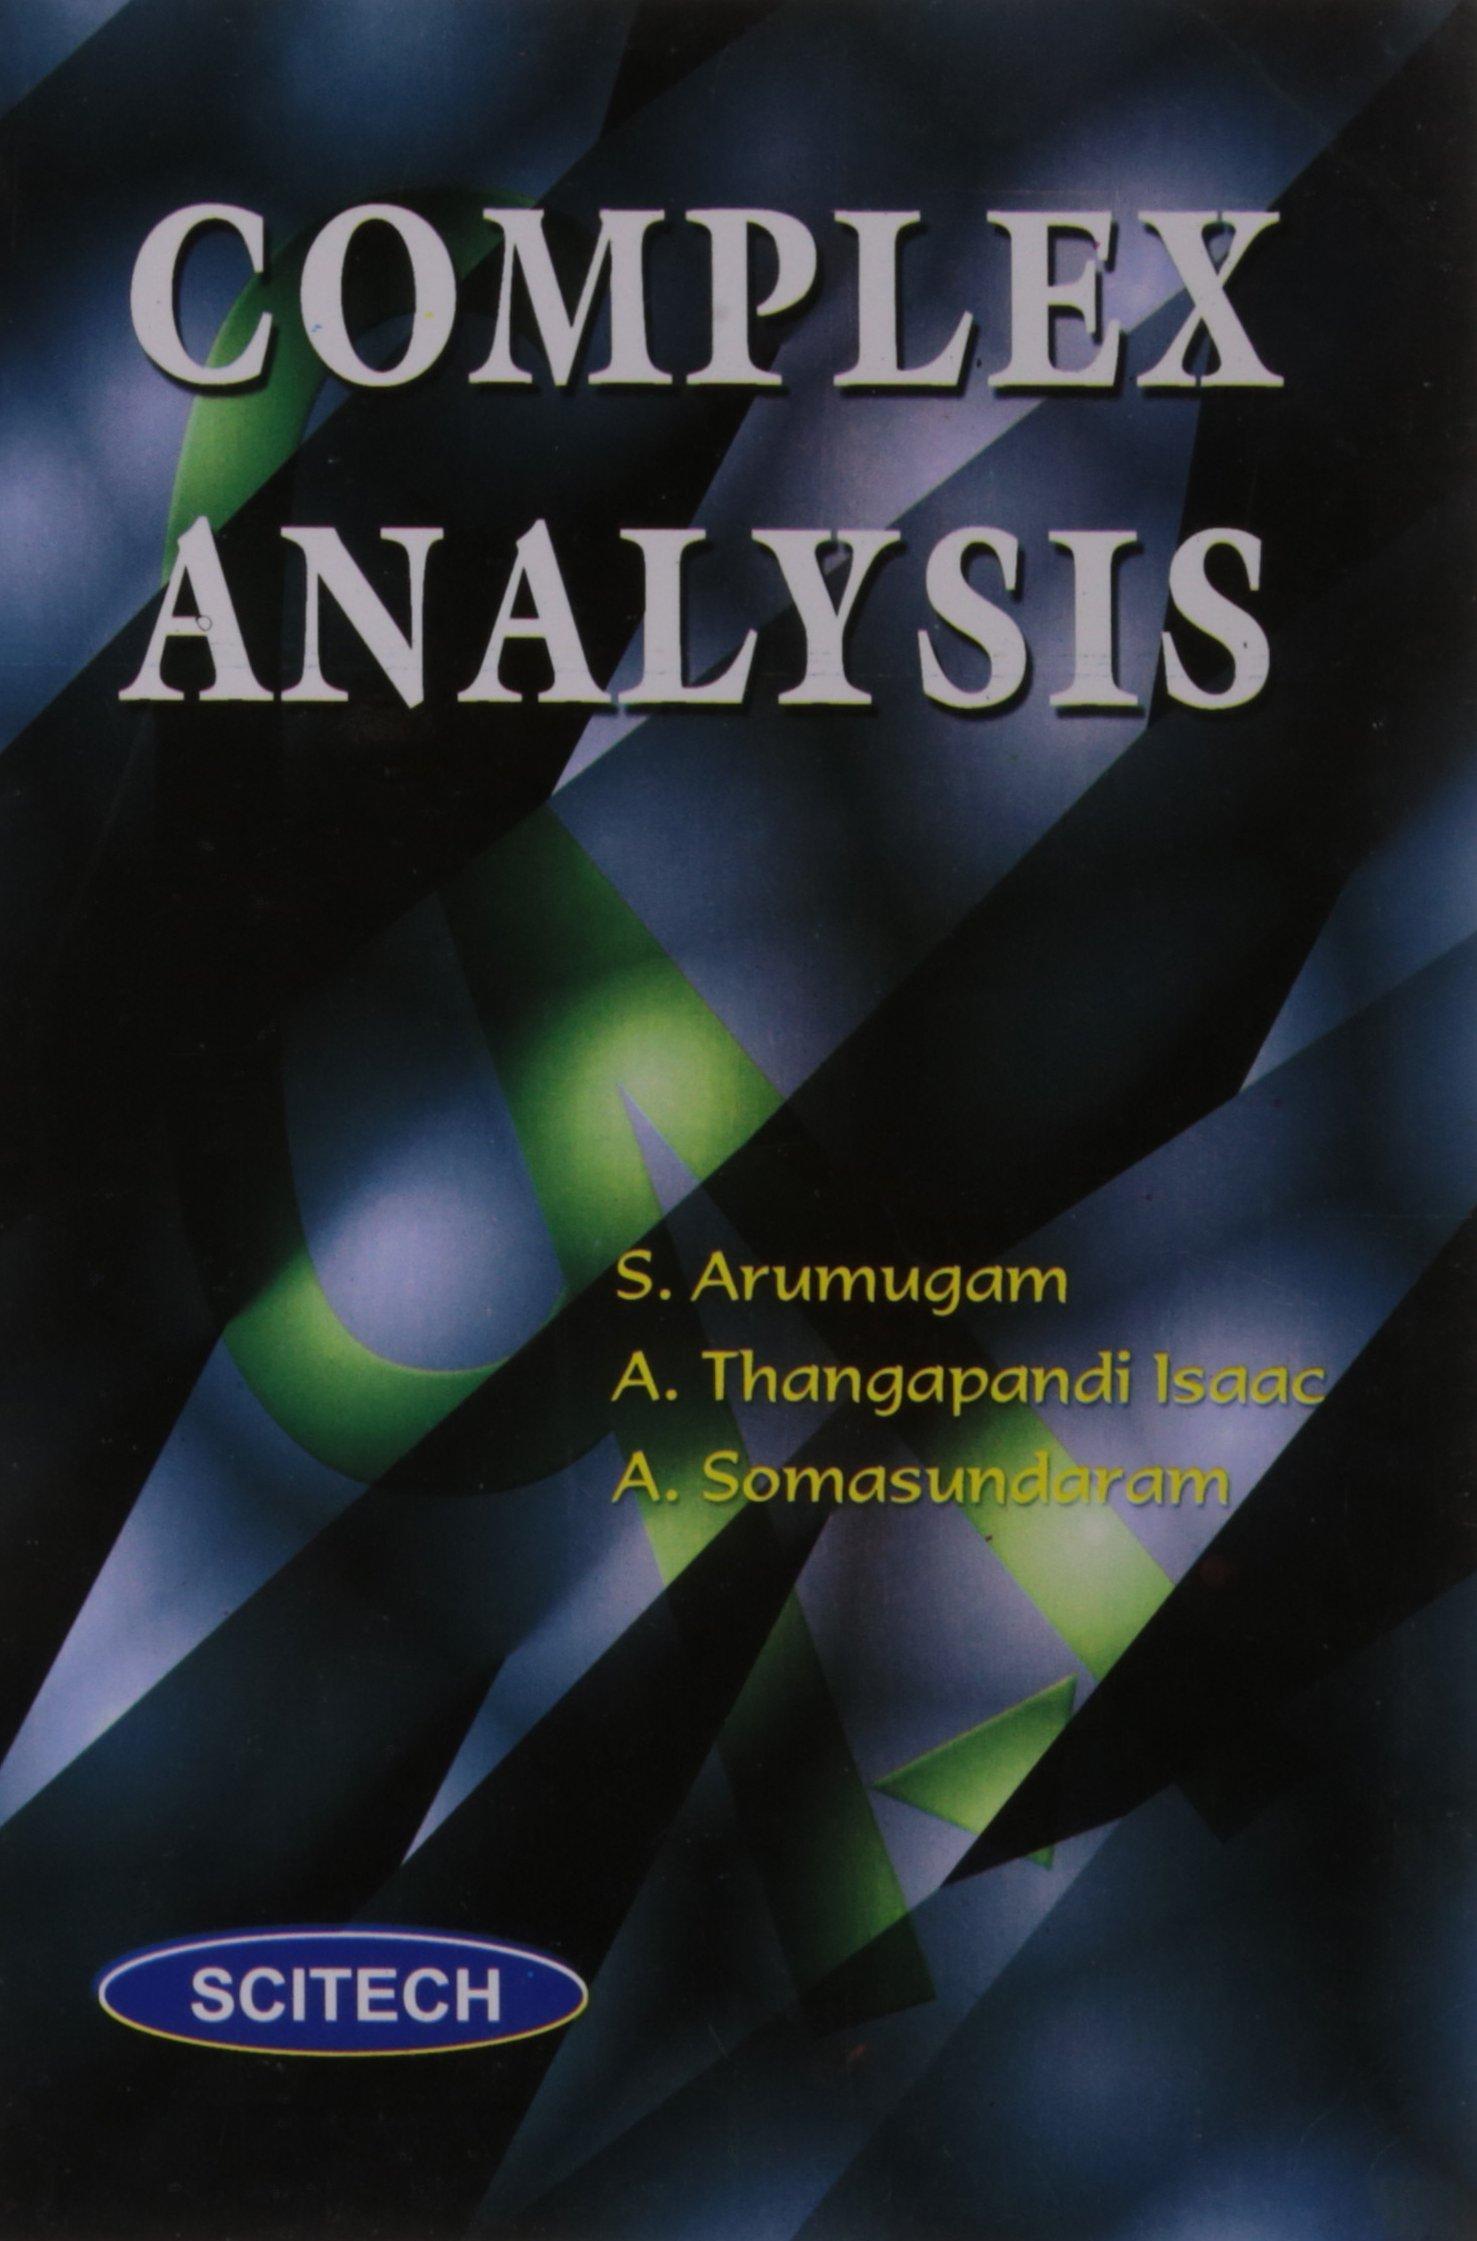 complex analysis by arumugam pdf free download